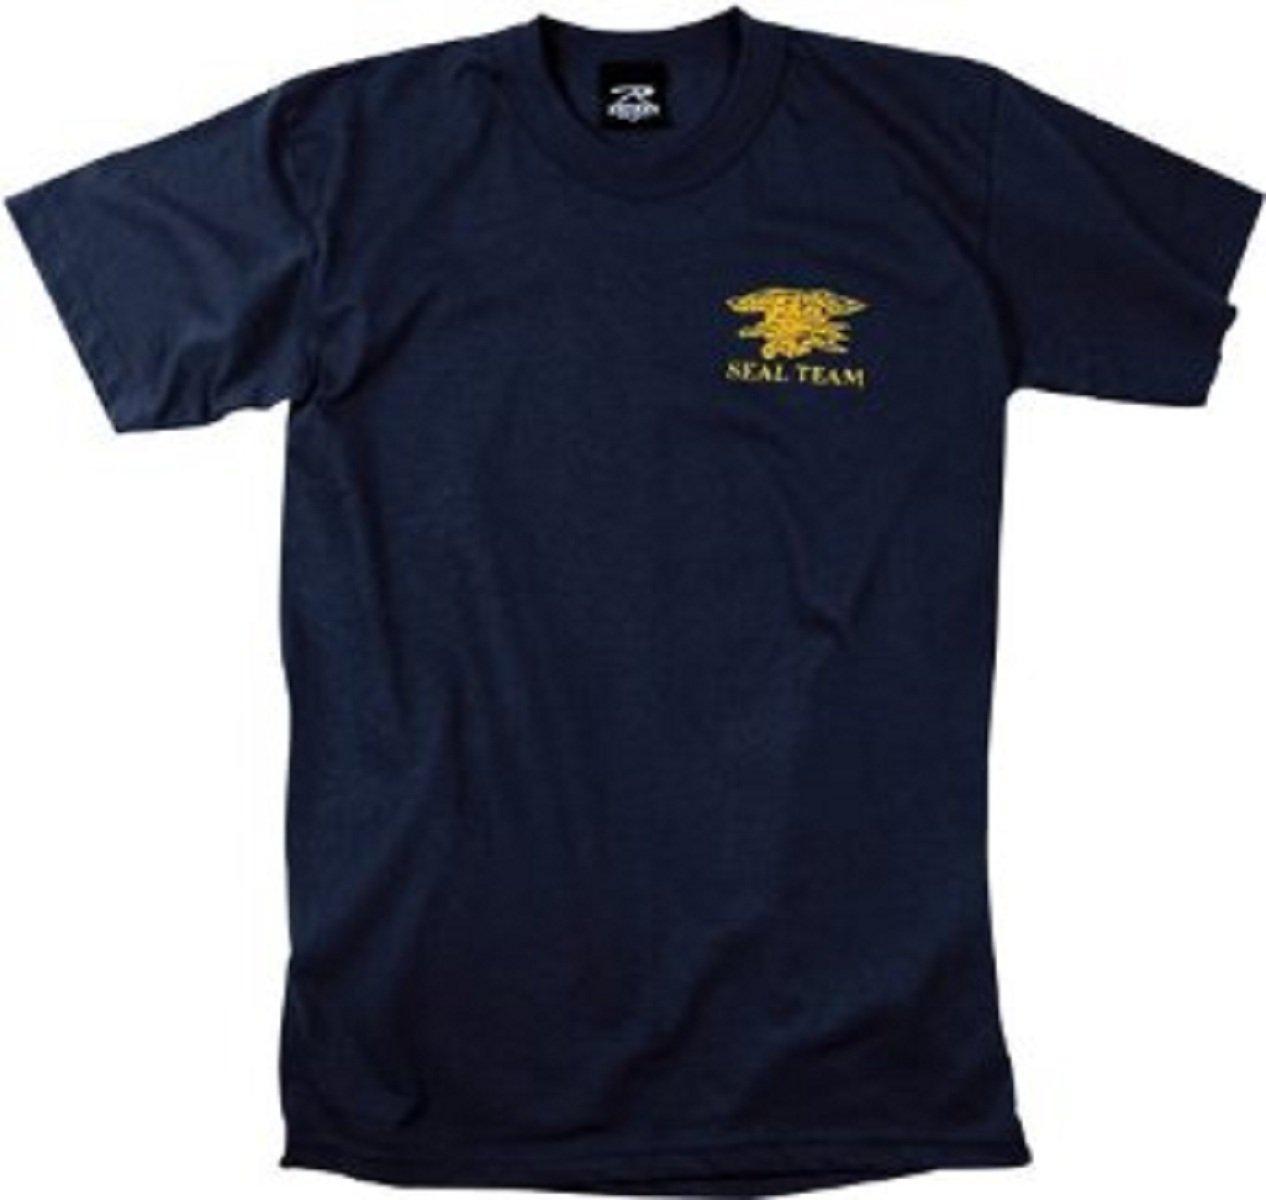 Official Navy Seals Team Logo T-Shirt (2X)